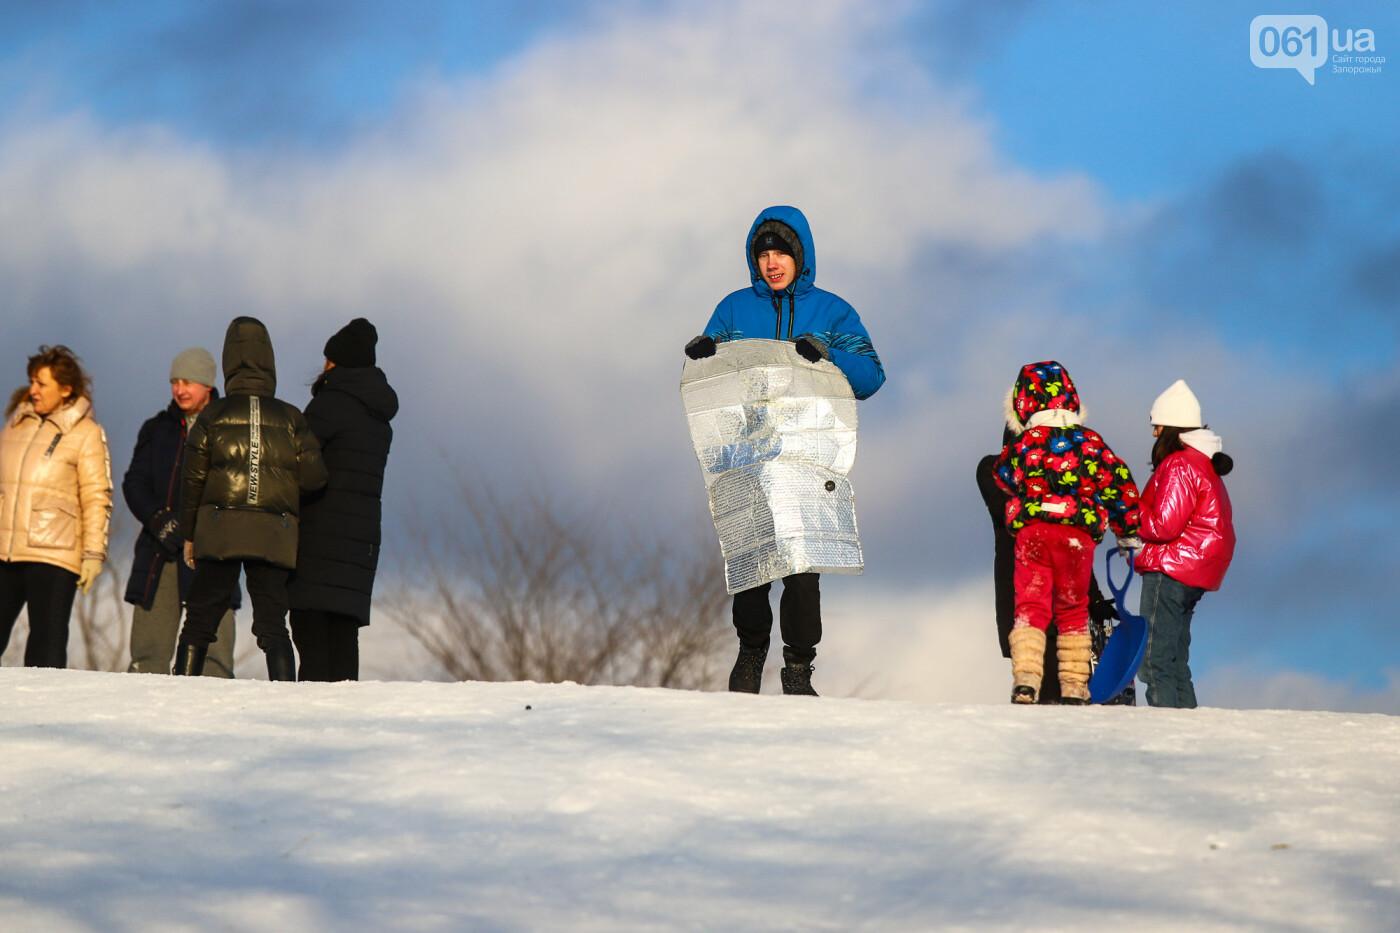 На санках, лыжах и сноуборде: запорожцы устроили массовое катание с горок в Вознесеновском парке, - ФОТОРЕПОРТАЖ, фото-67